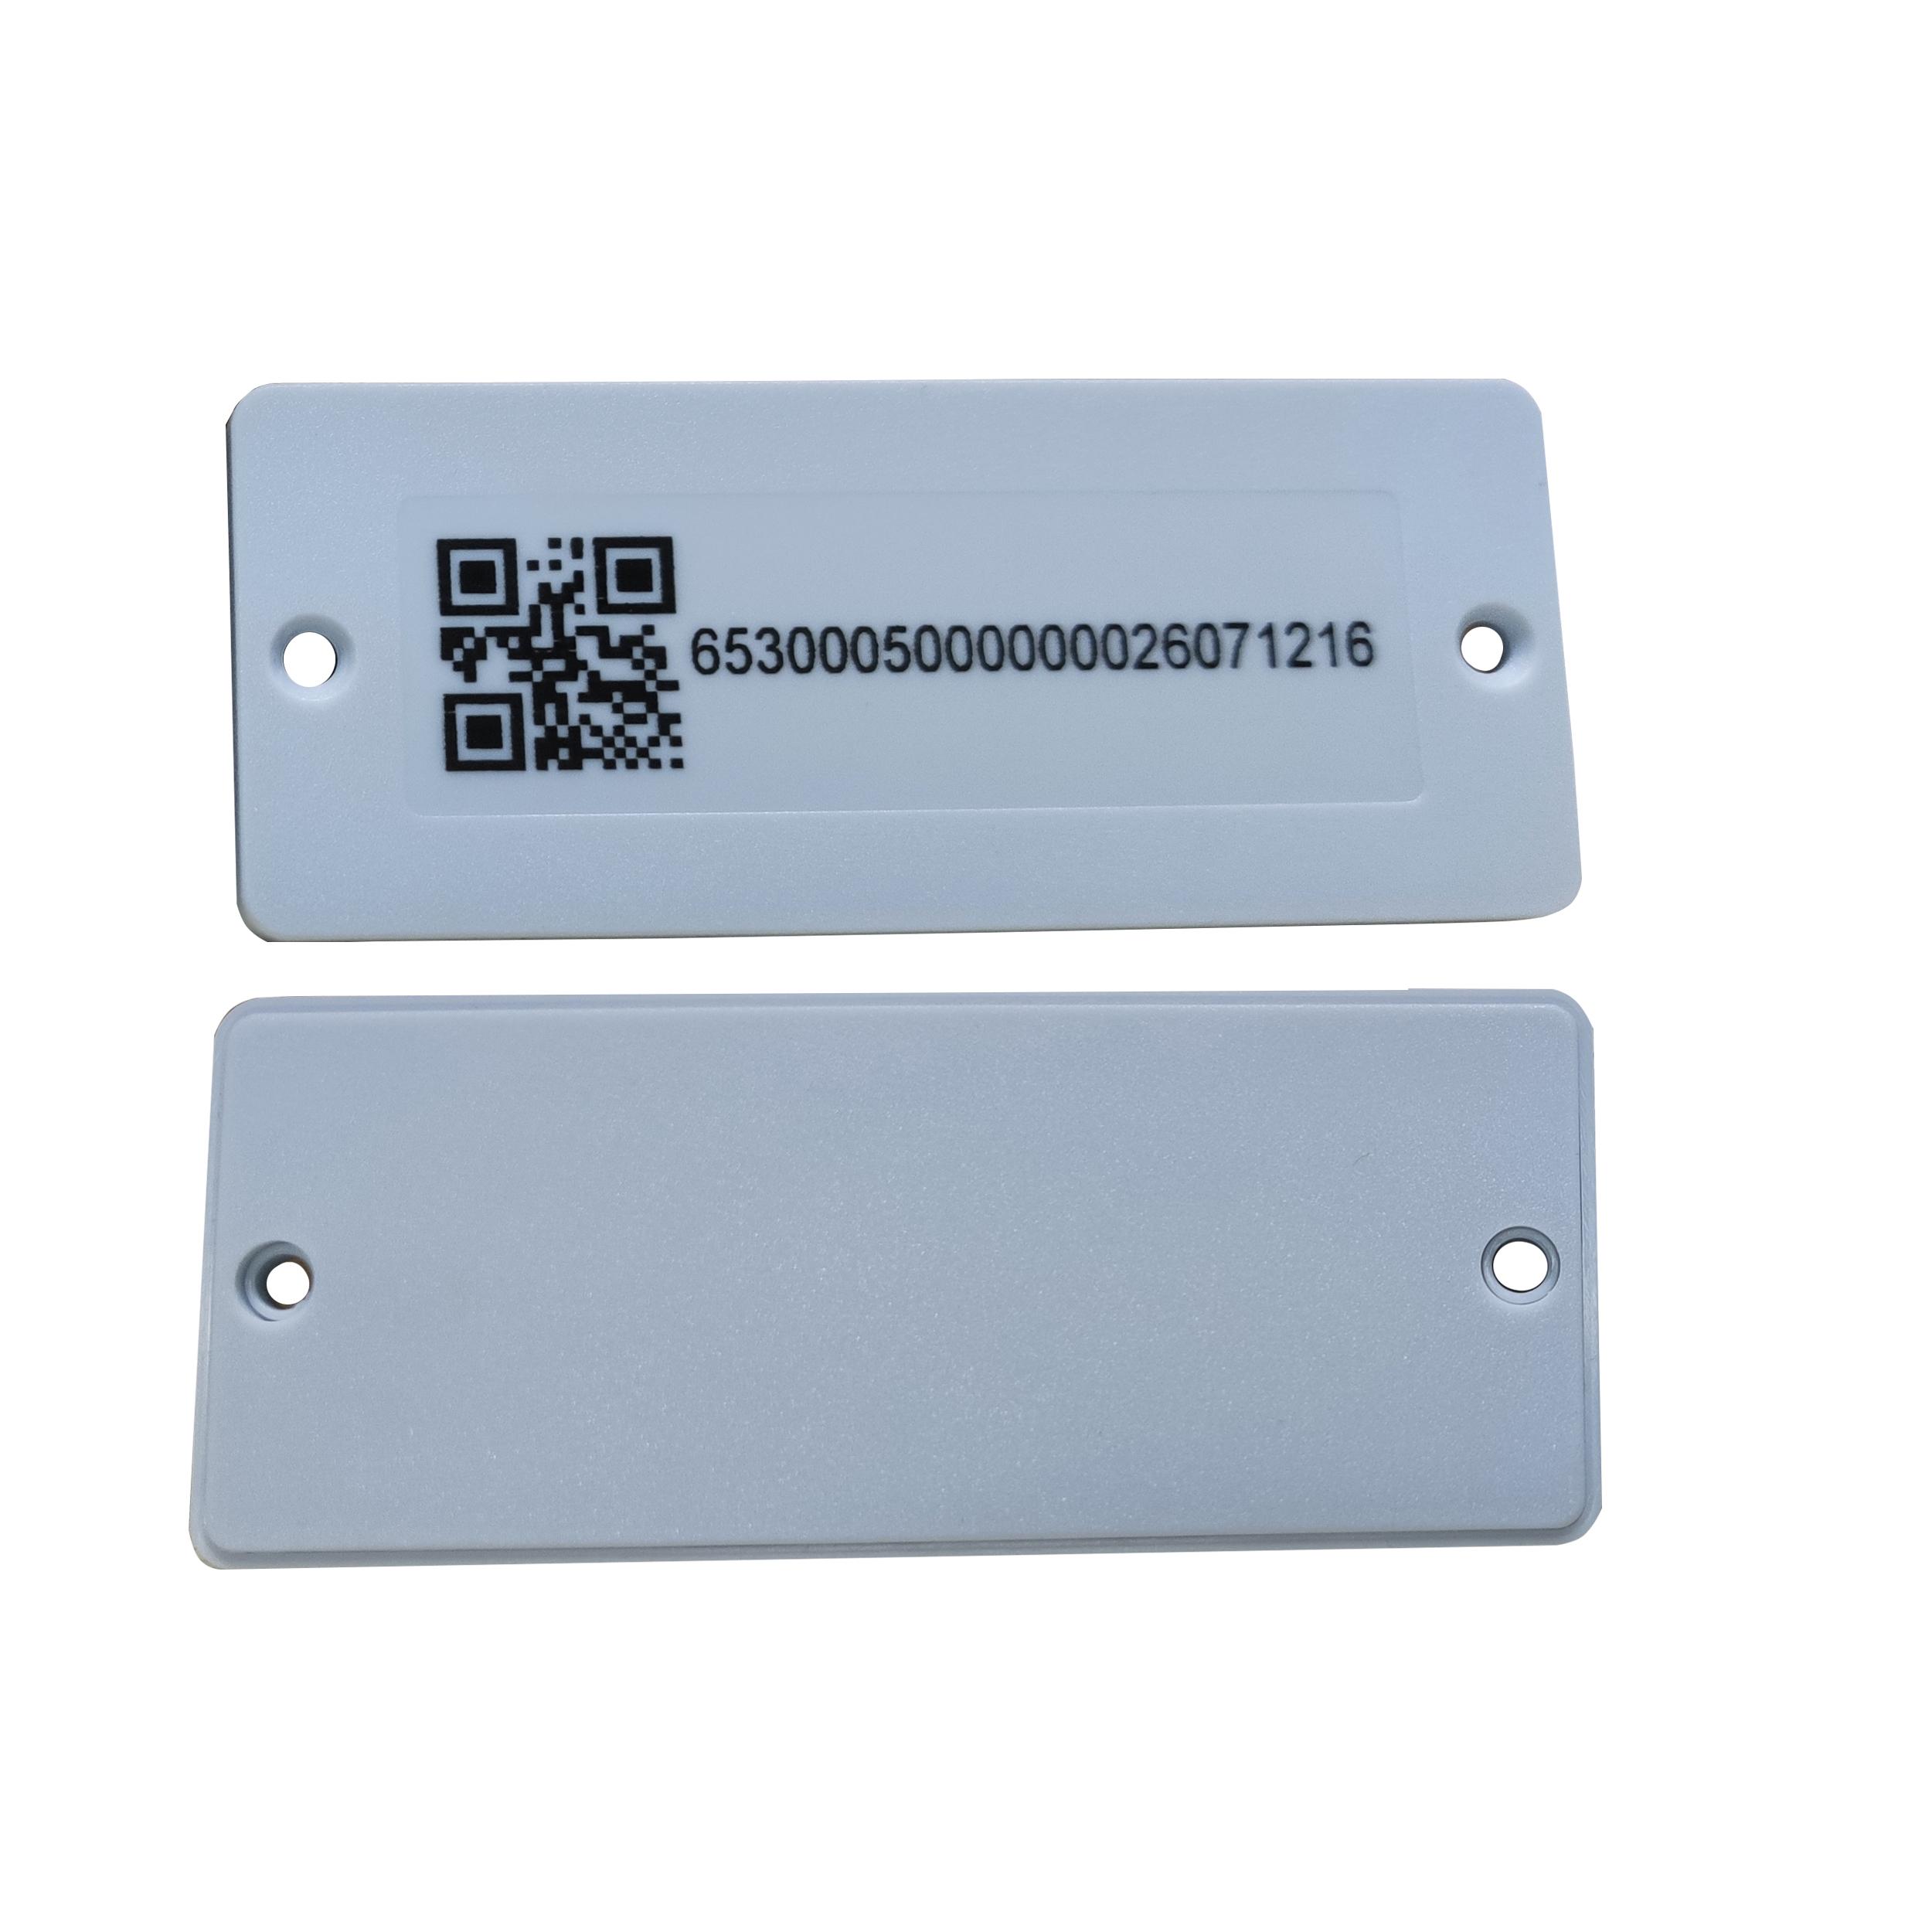 RFID HF/UHF On-metal RFID Tag Featured Image